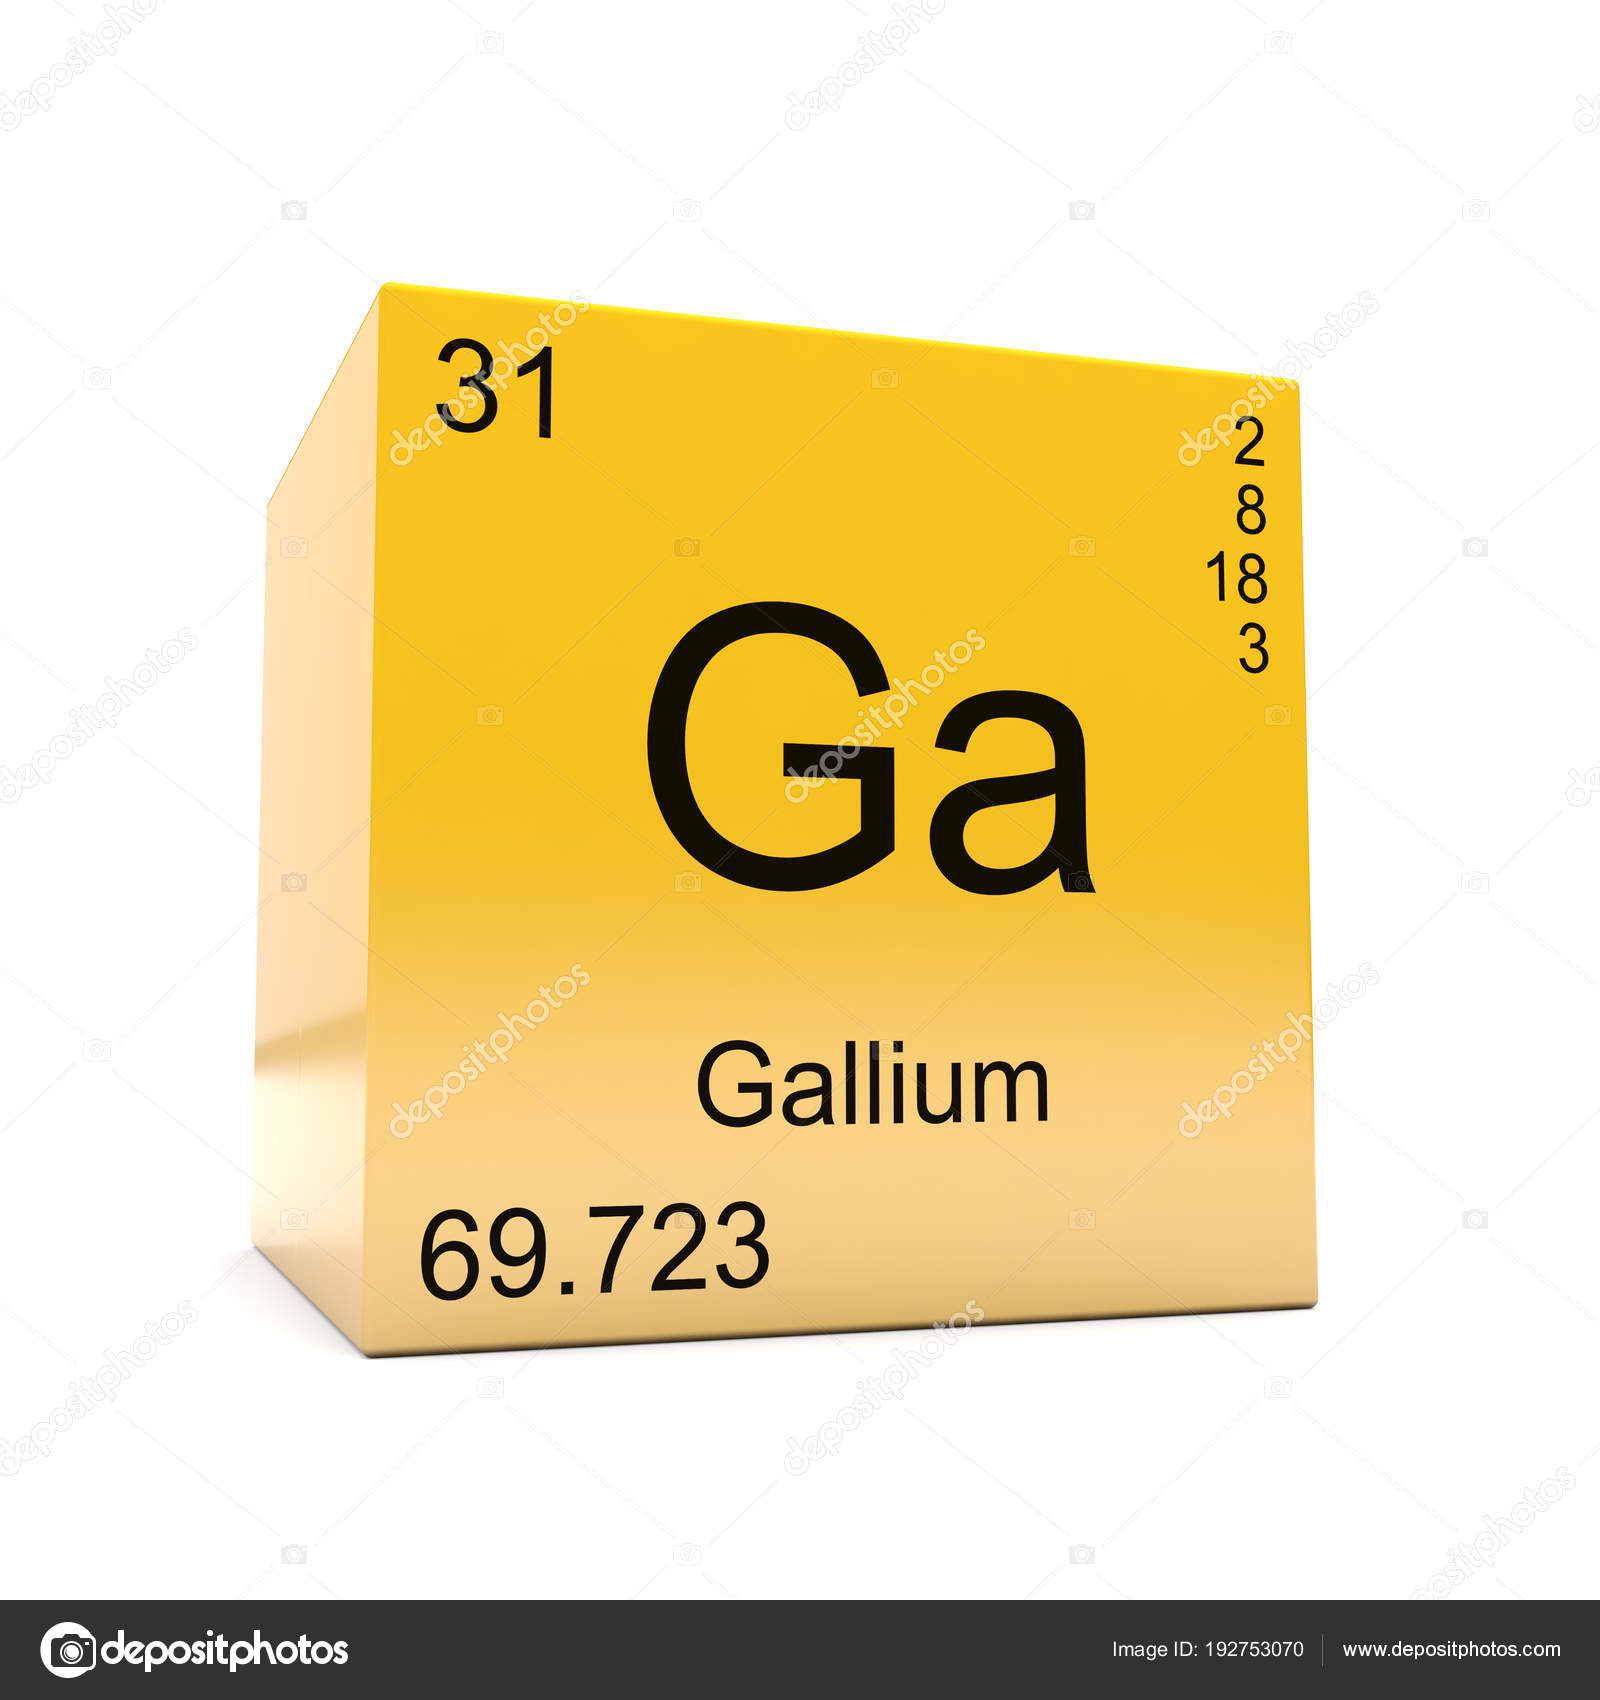 Gallium chemical element symbol periodic table displayed glossy gallium chemical element symbol periodic table displayed glossy yellow cube stock photo urtaz Images